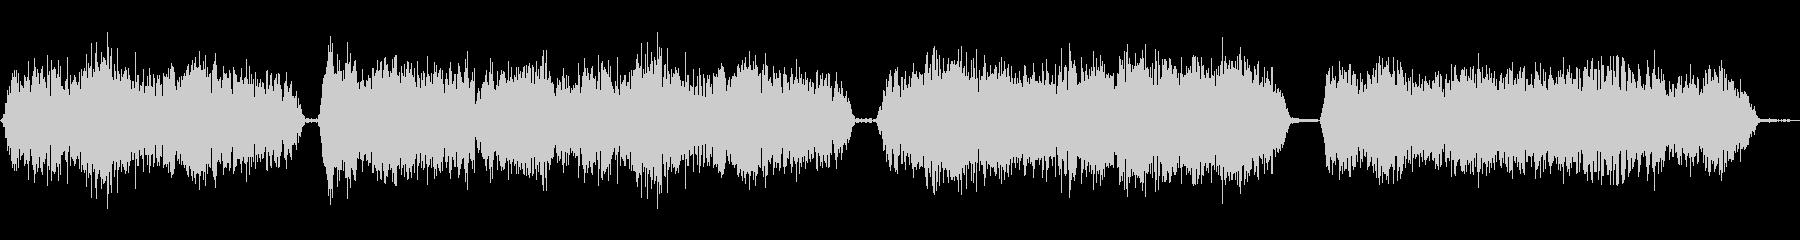 モンスターの声の未再生の波形